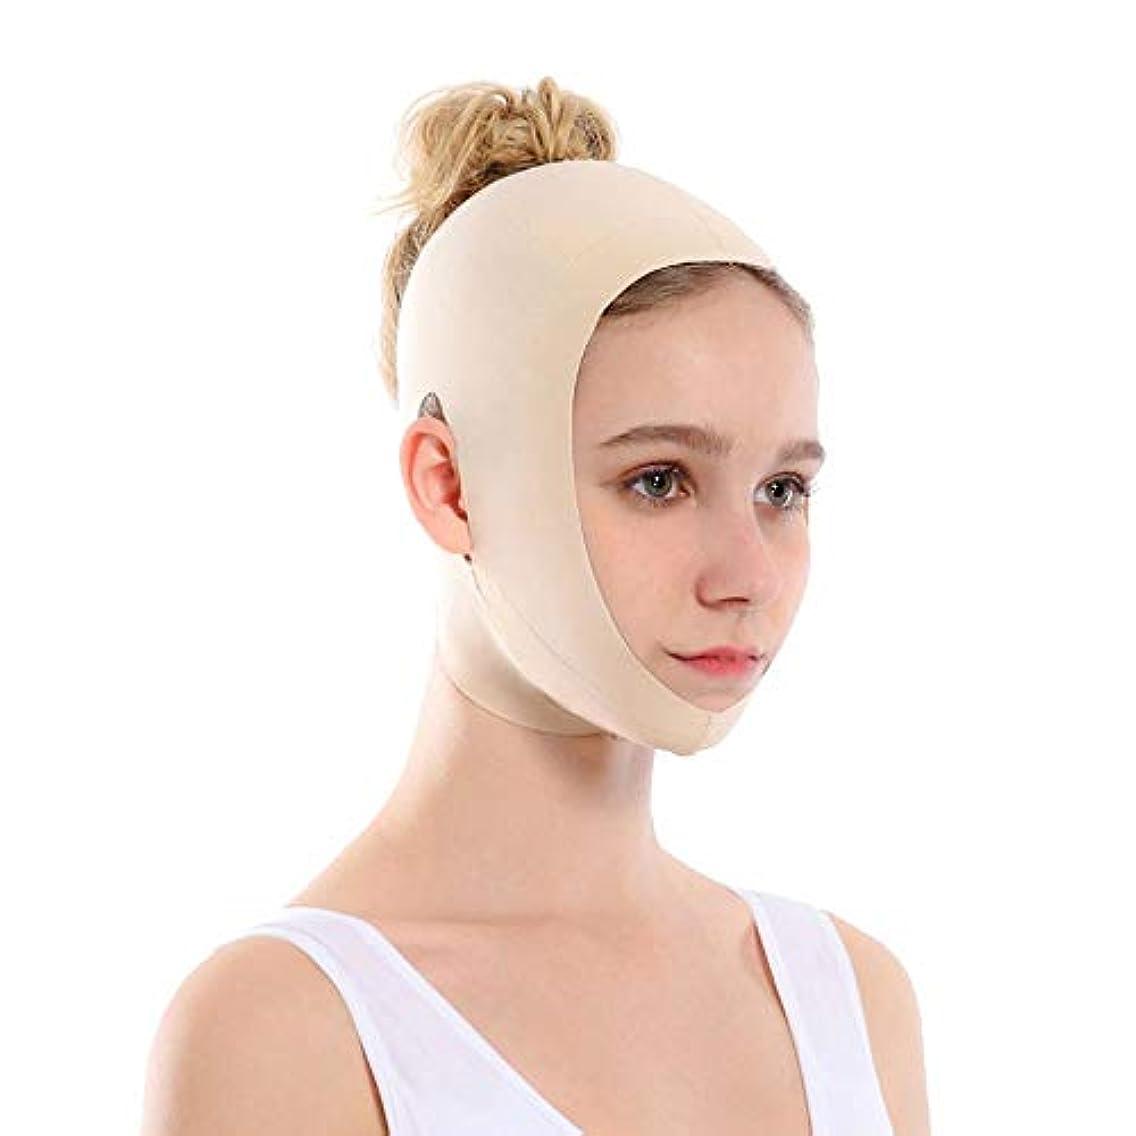 宿るトピック聡明Minmin 顔を持ち上げるアーティファクトVフェイス包帯リフティング引き締め睡眠薄い顔を整形持ち上げる顔を二重あご矯正 - 肌の色 みんみんVラインフェイスマスク